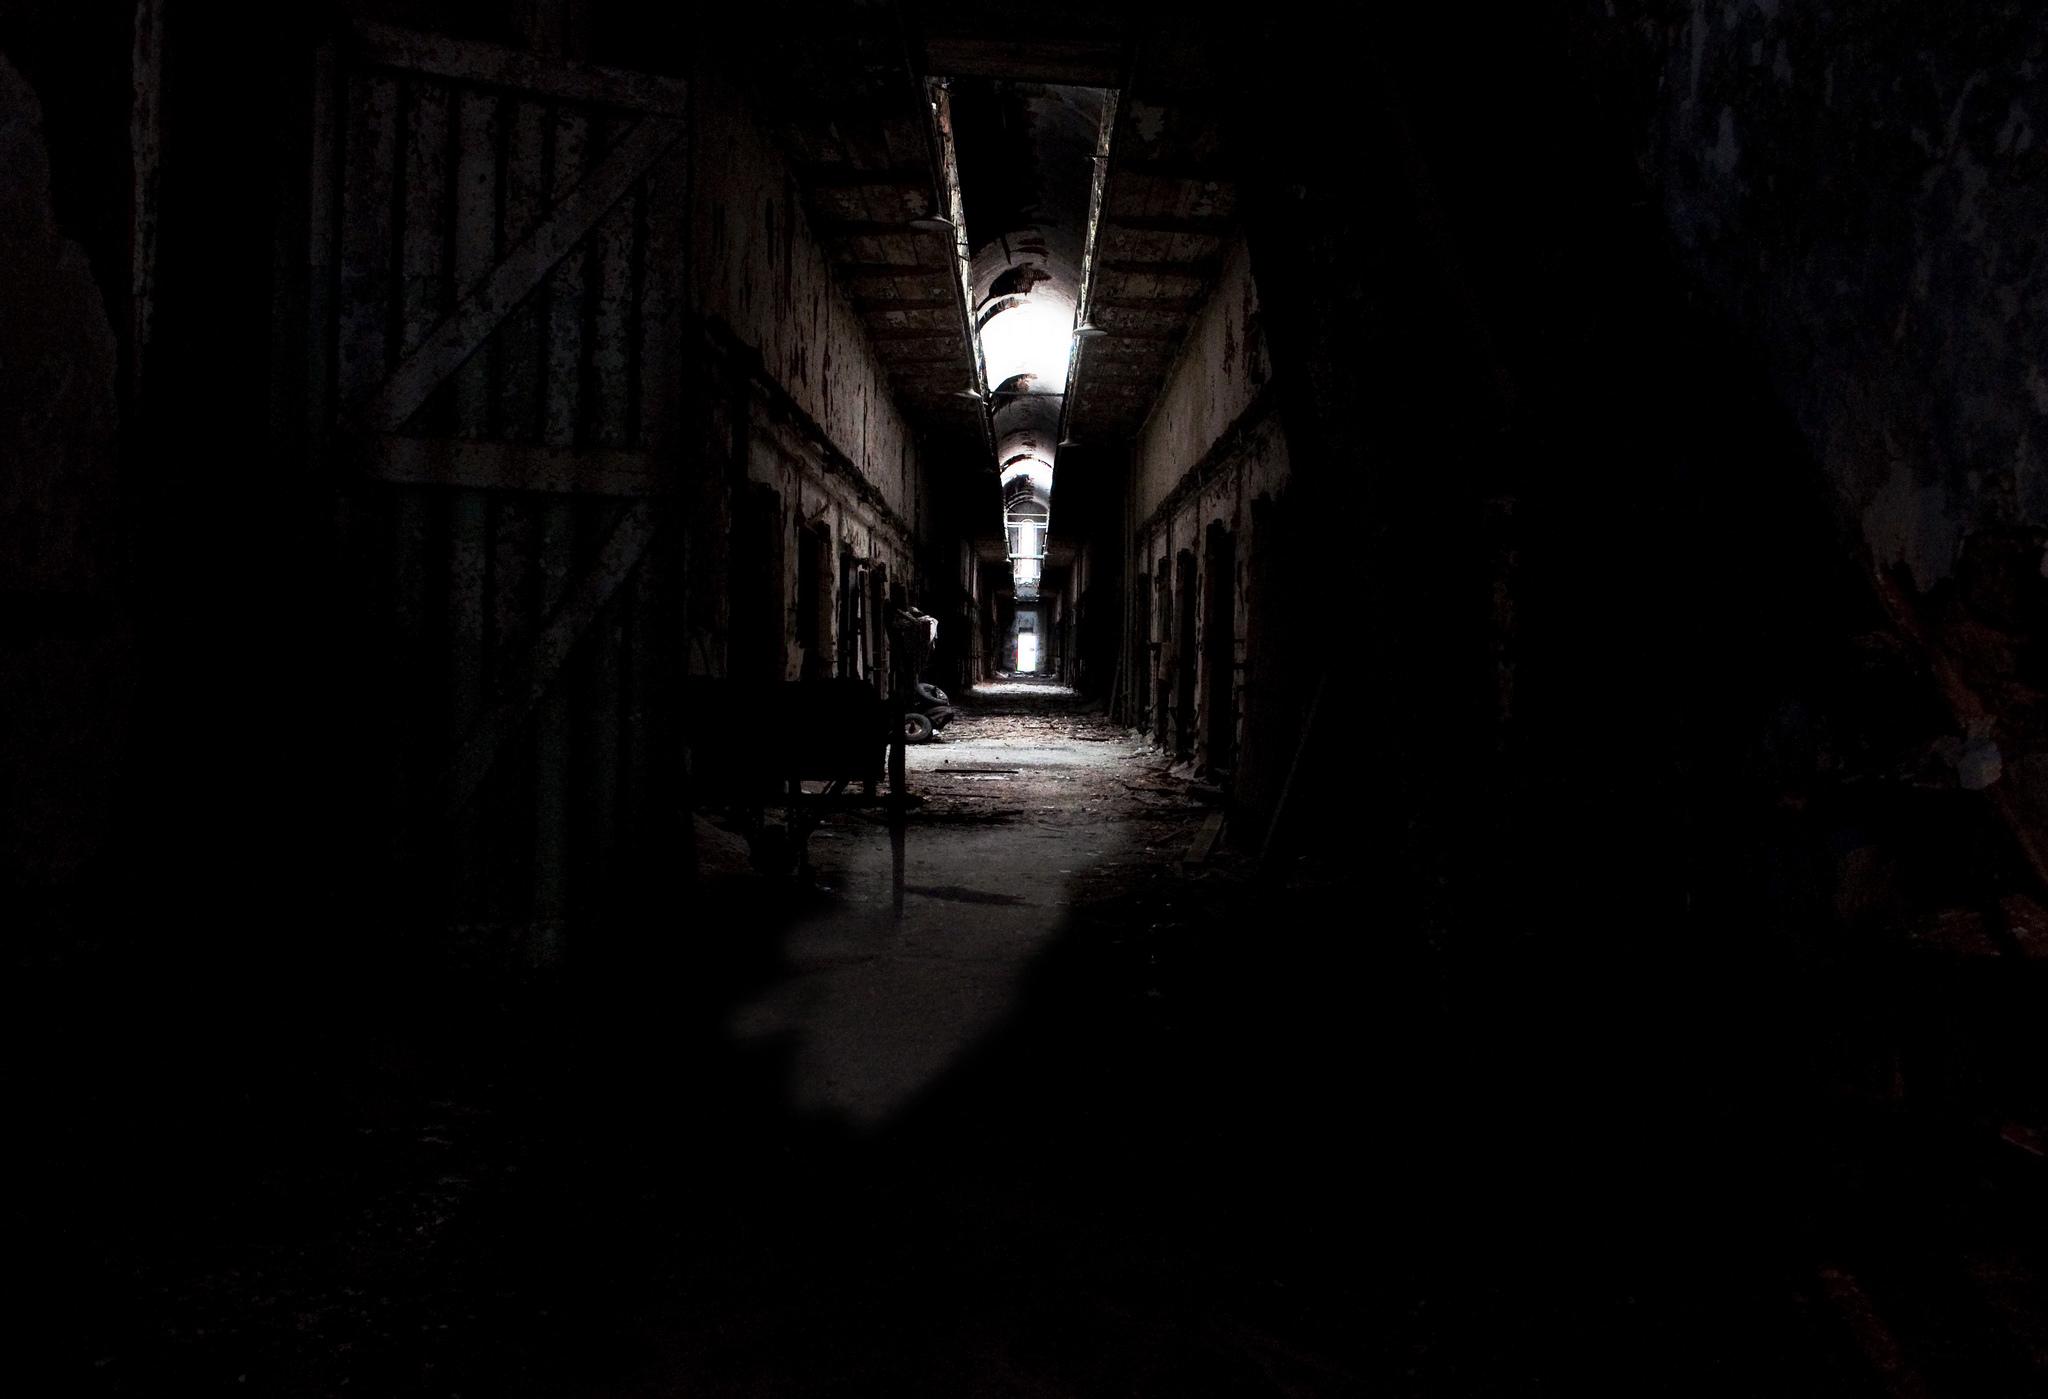 Darkness lies behind